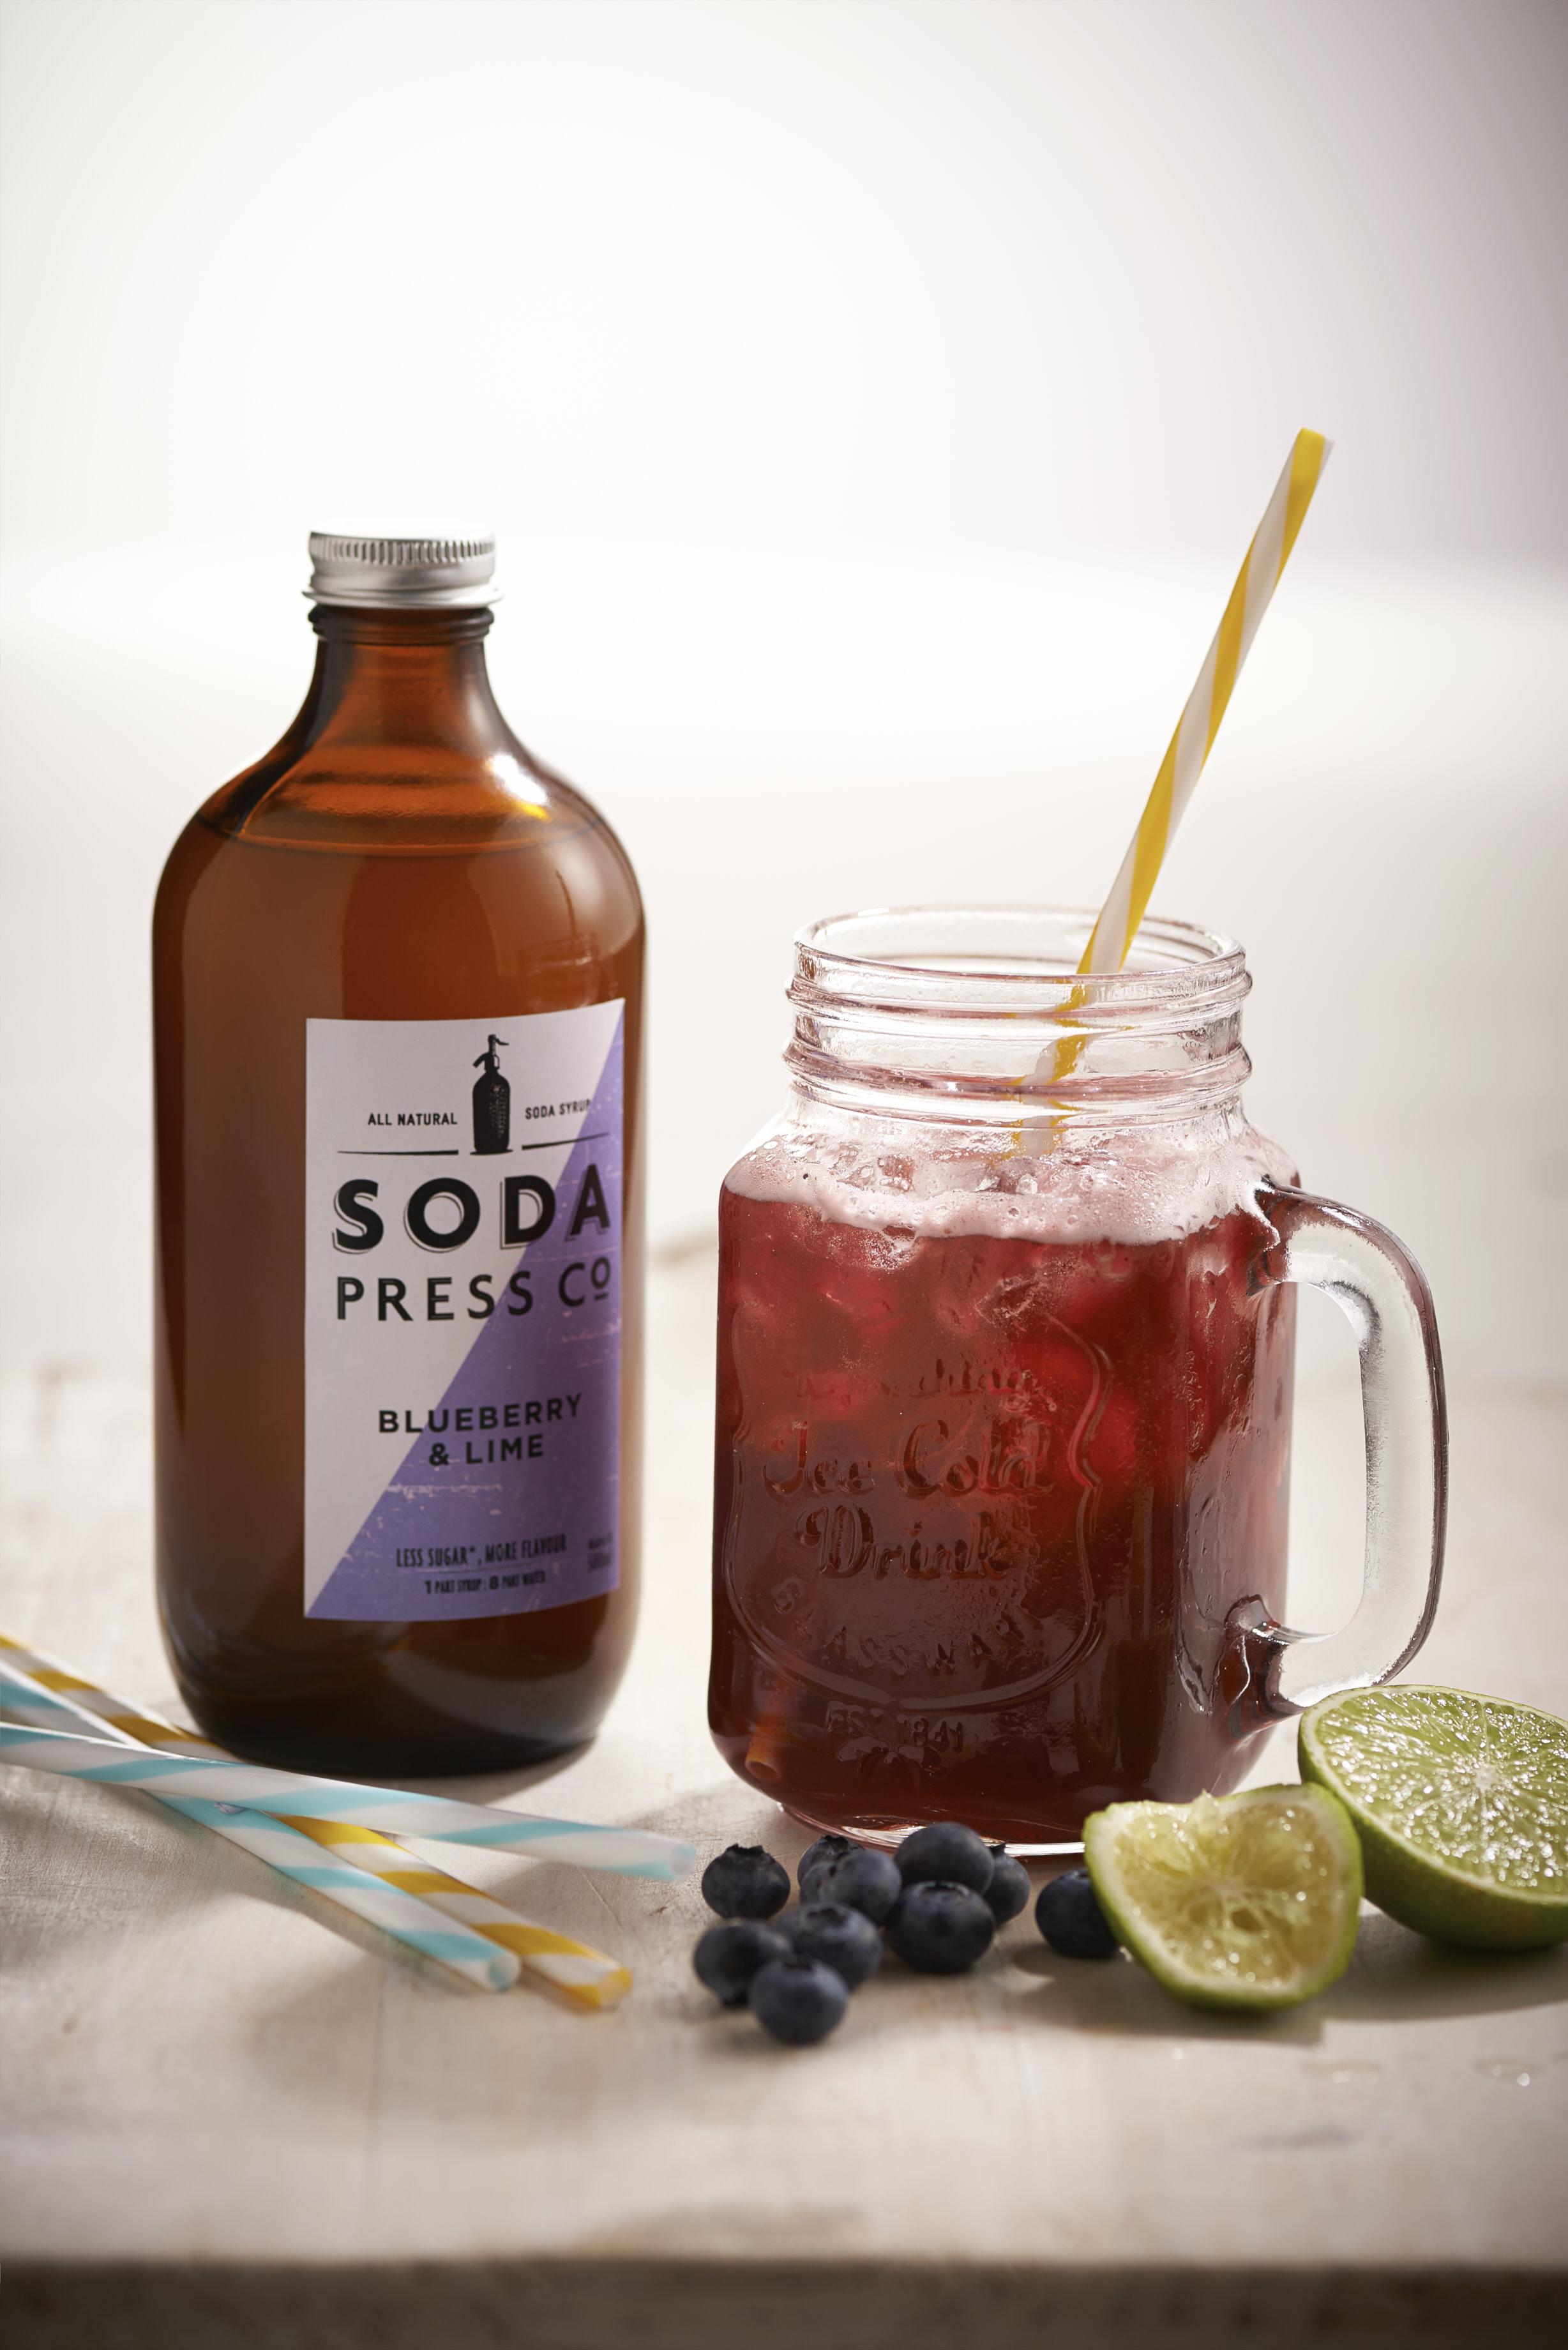 Soda Press Co. natural fruit syrups